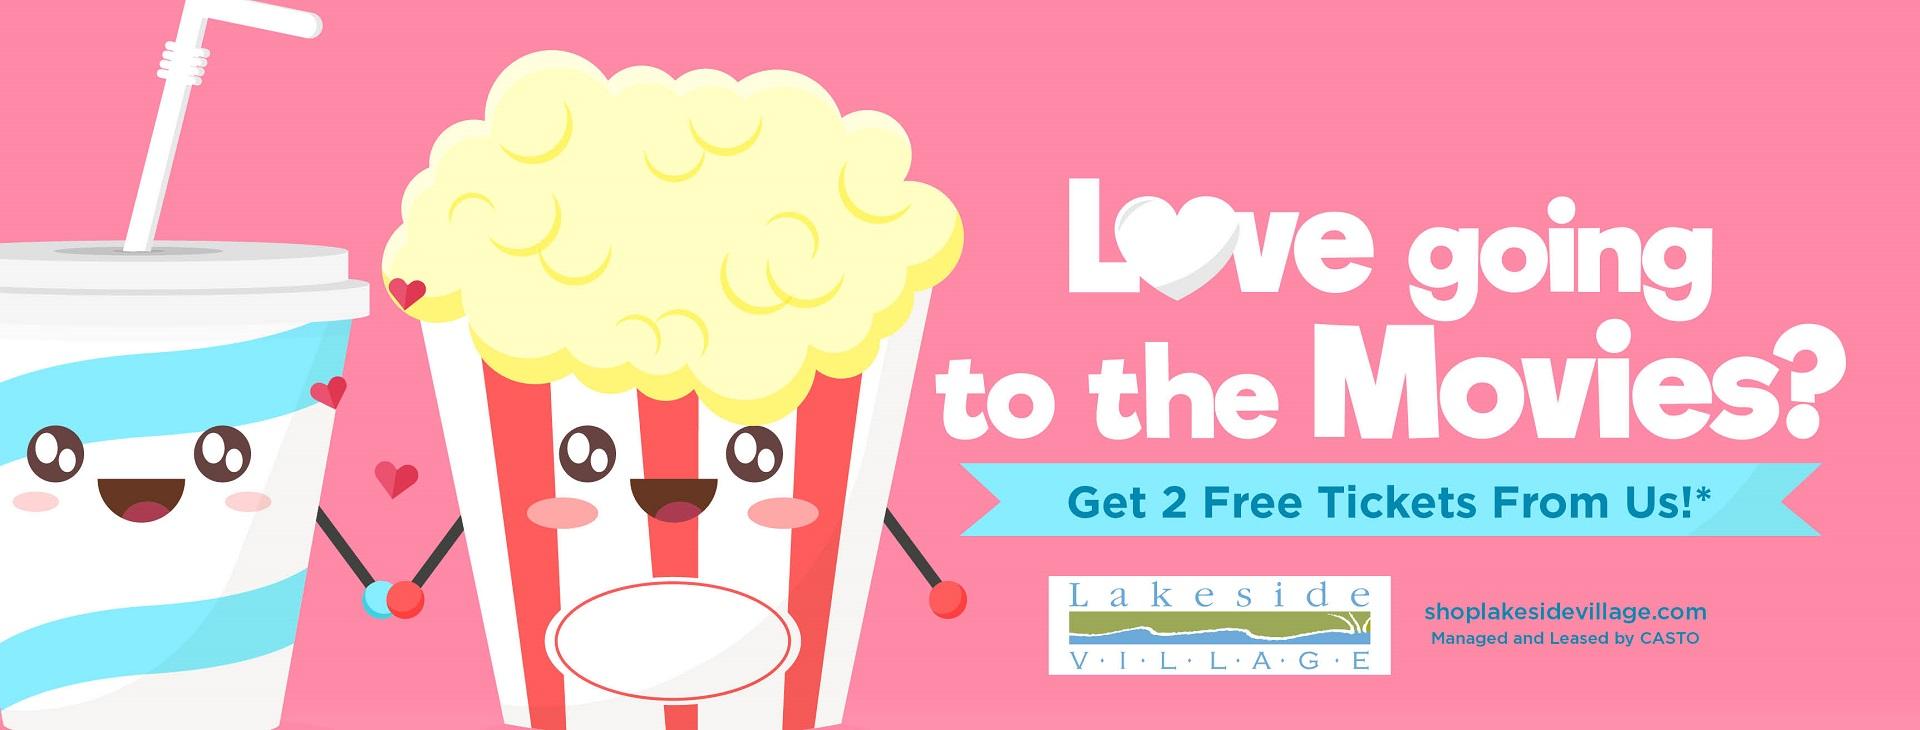 lsv-Valentines Day Movie Ticket Promo-2020-website